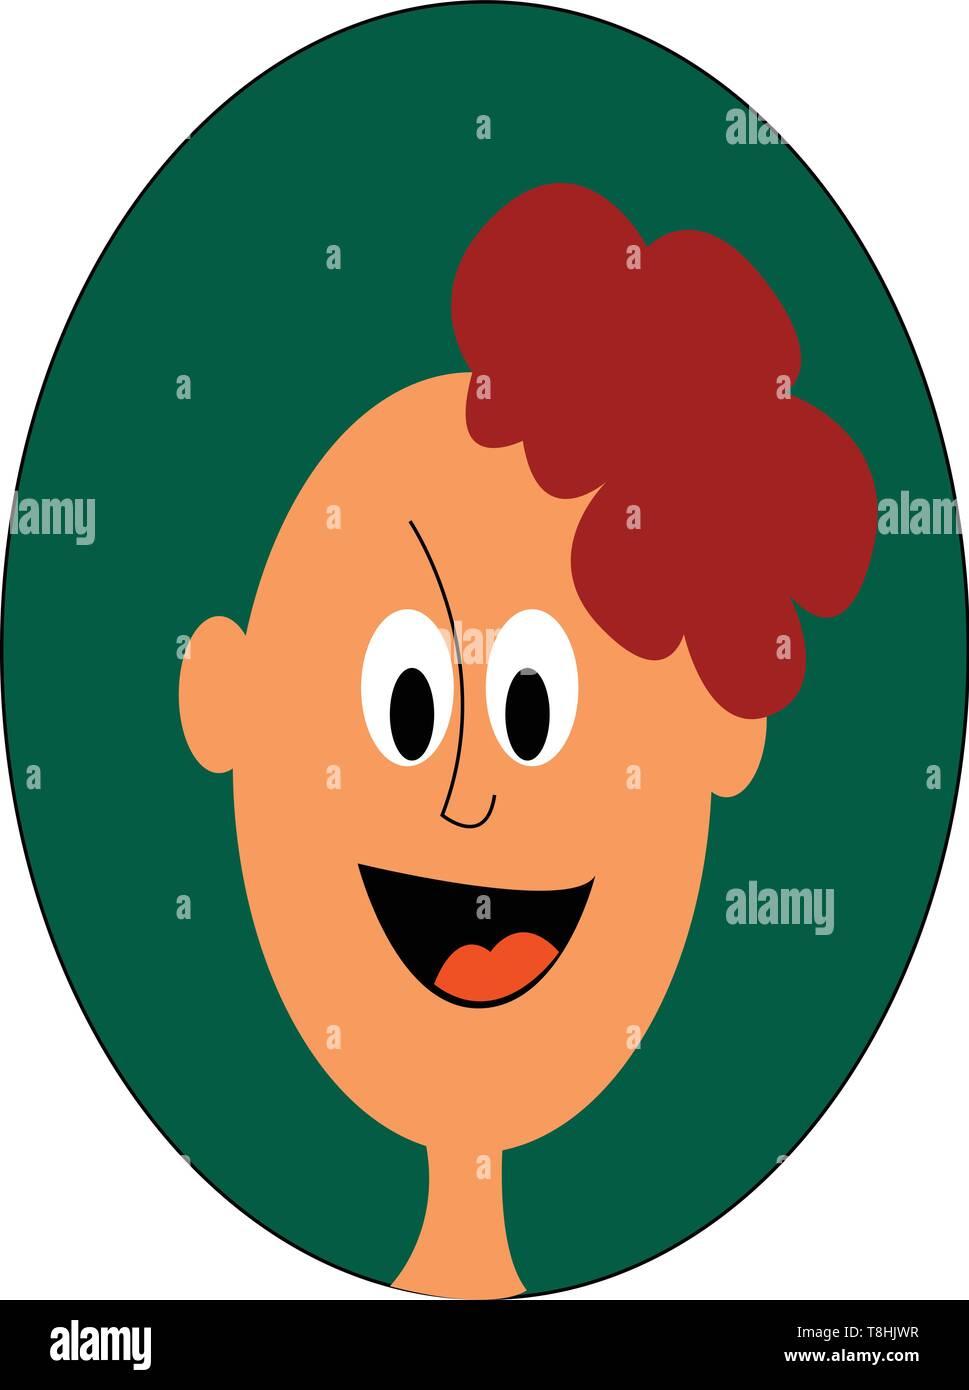 De Clipart Le Visage D Un Garcon Dans Un Haut Vert Qui A Une Encolure Fermee Conception De Touffes De Cheveux Attaches Ensemble Au Centre De La Tete Scenario Couleur Image Vectorielle Stock